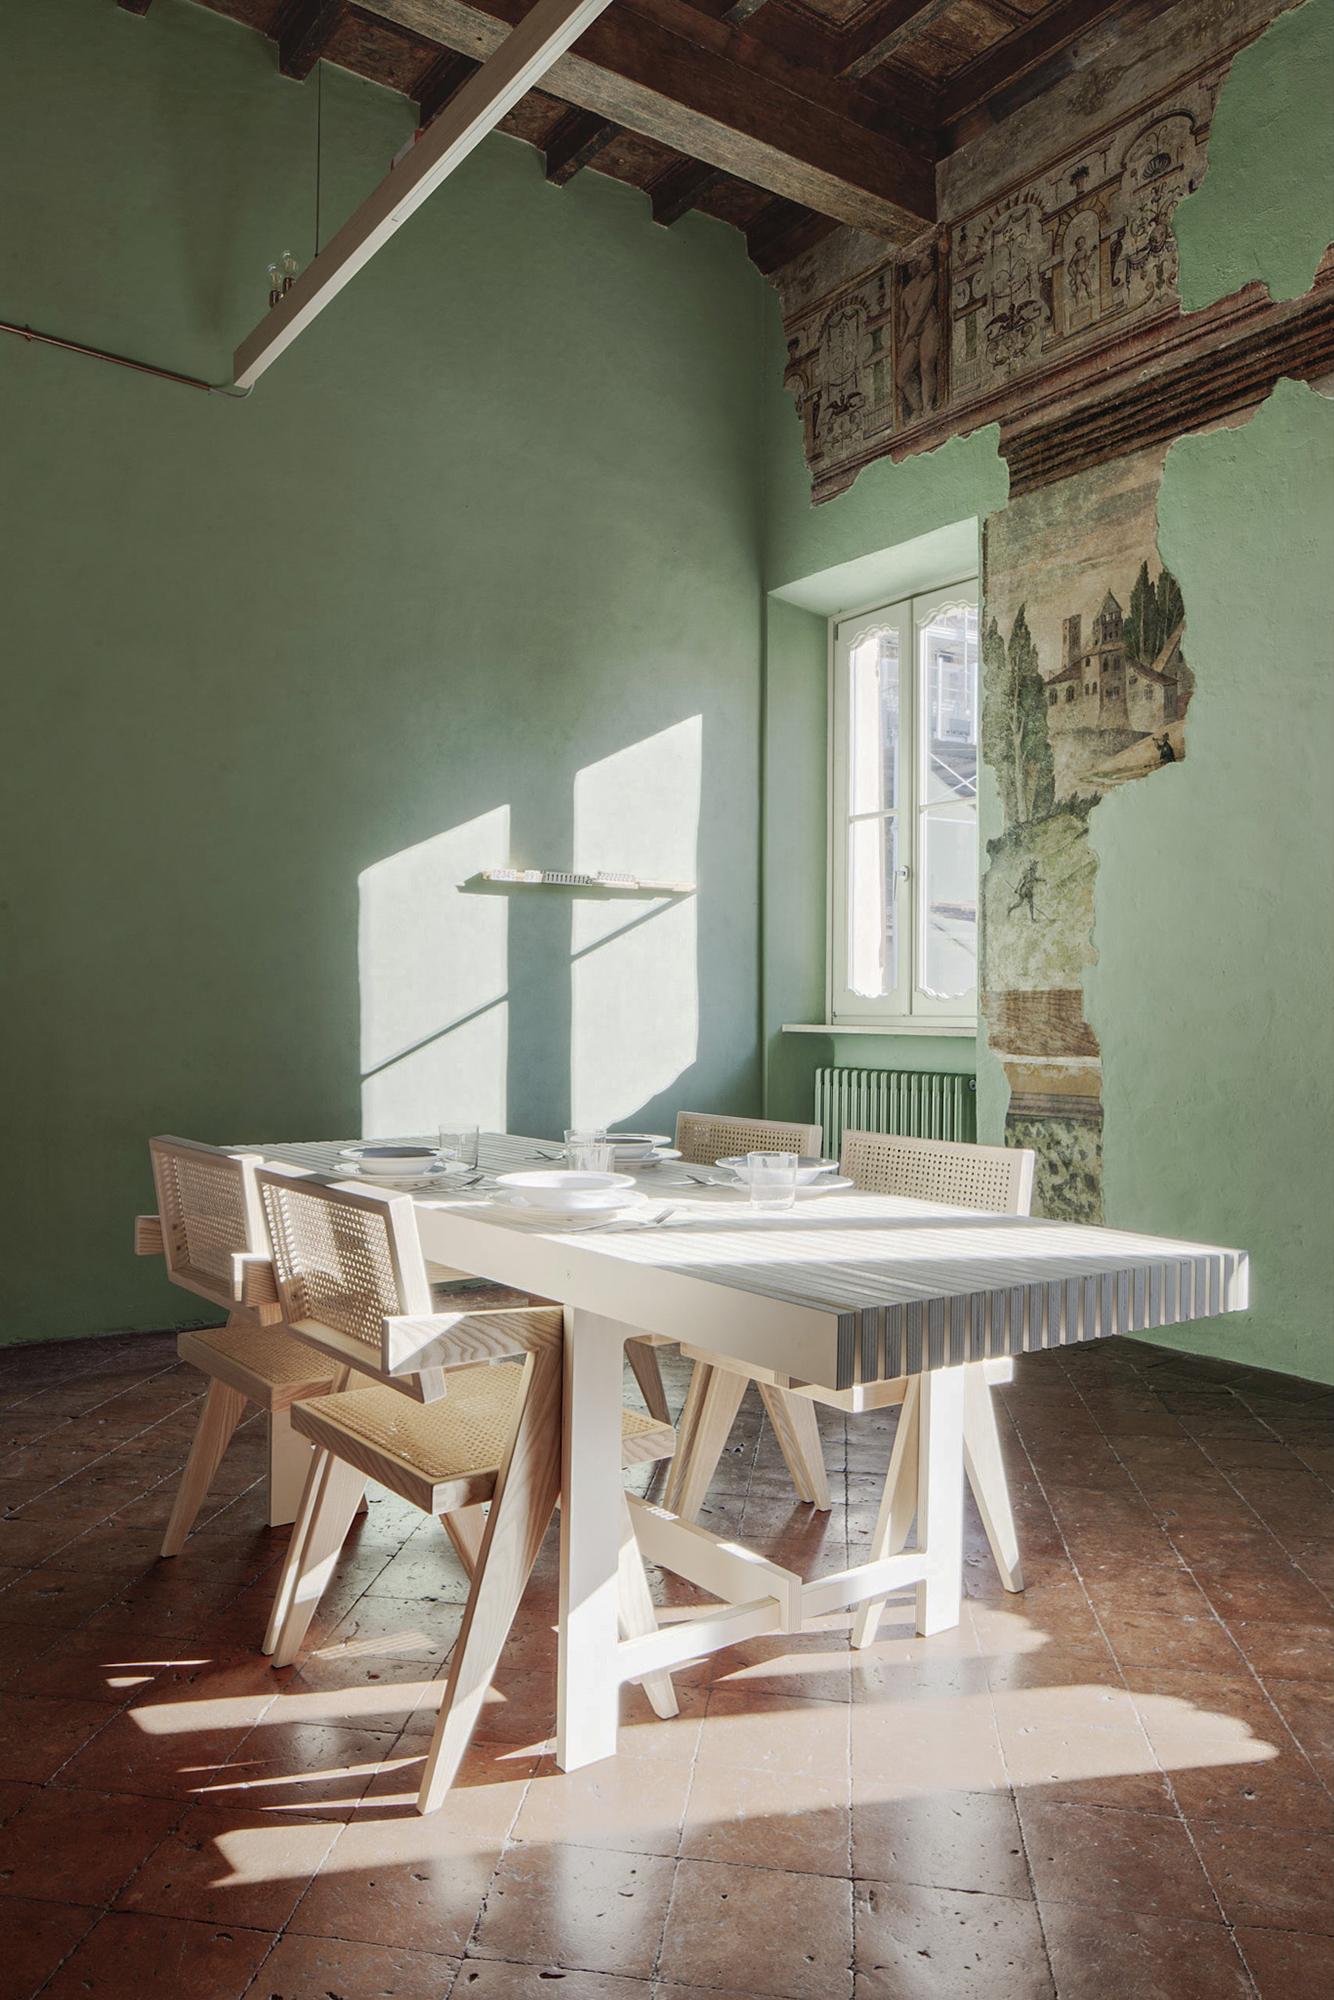 BROLETTO WEB Archiplanstudio Davide Galli Fotografo 25